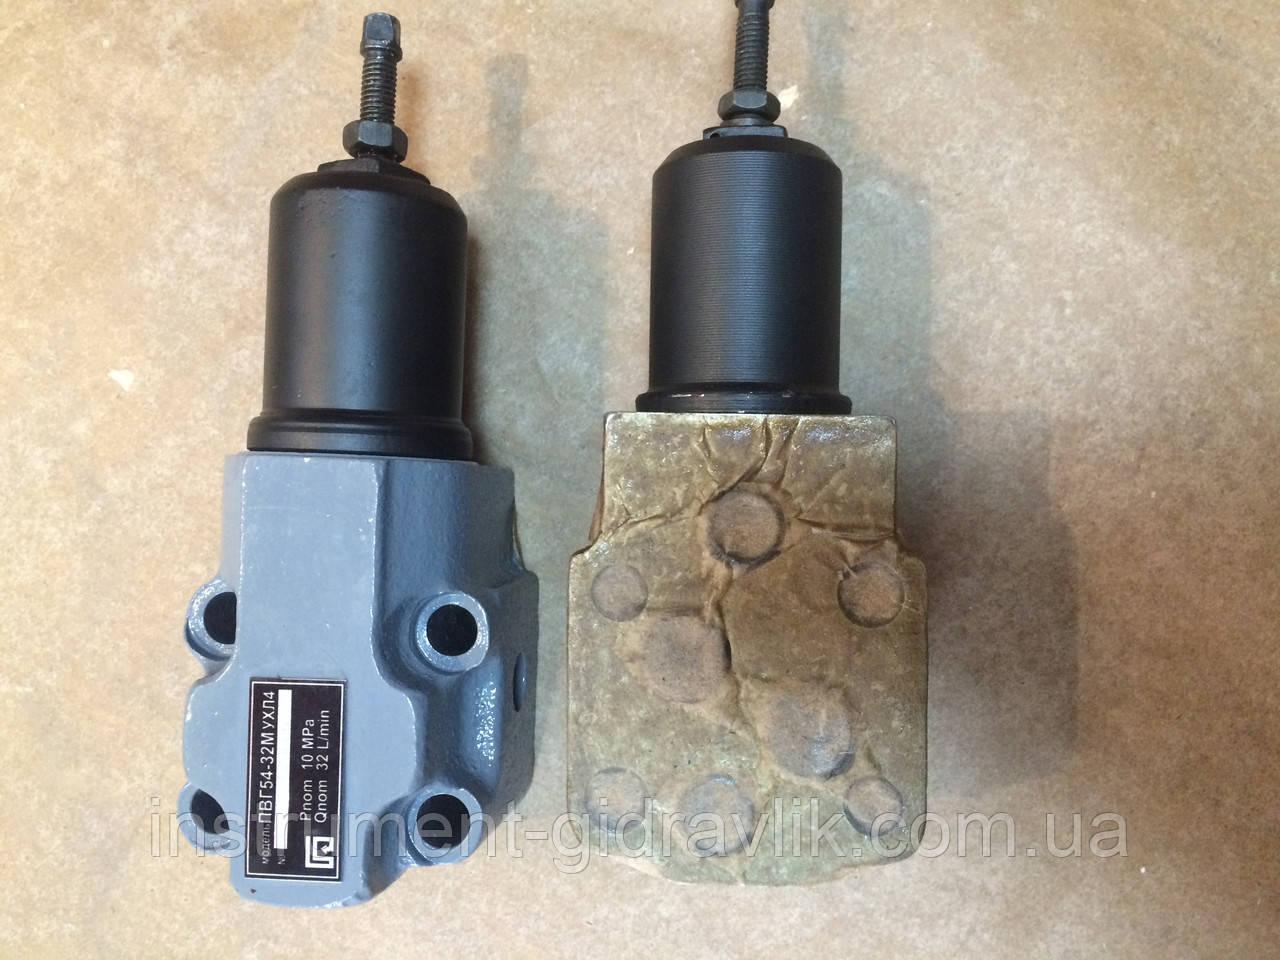 Клапан запобіжний ПБГ 54-32М